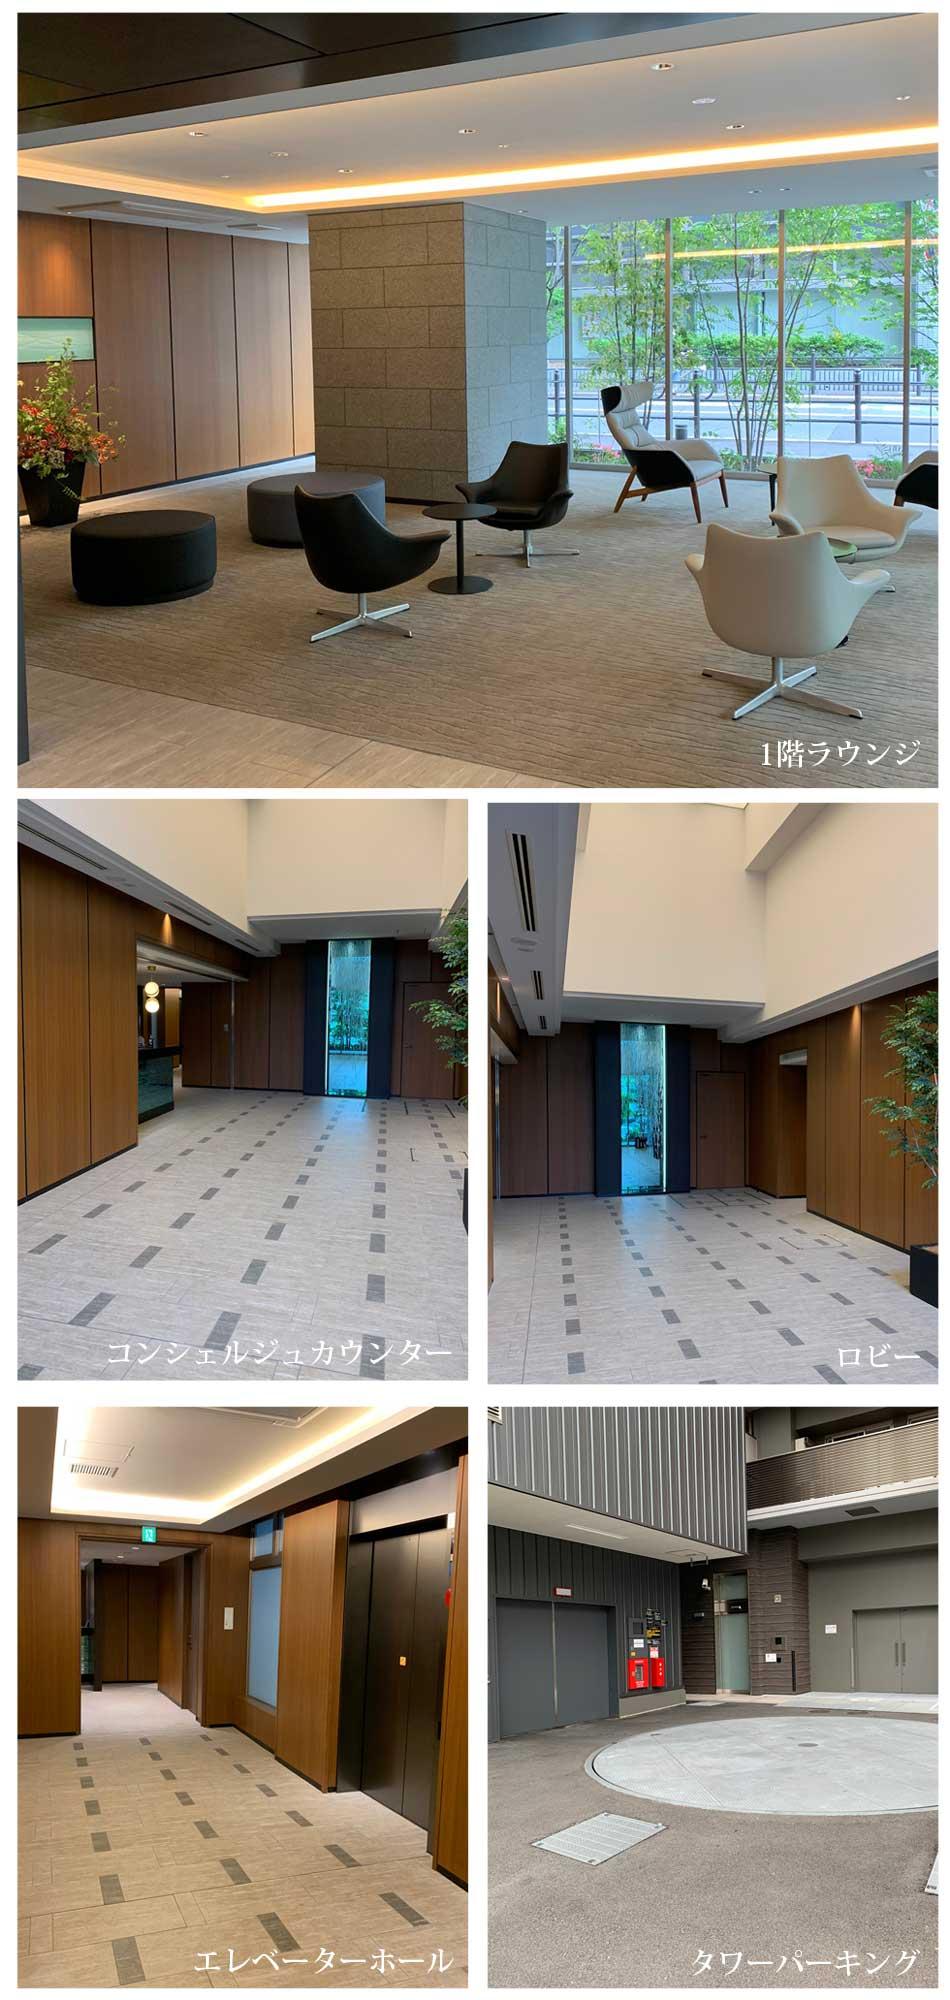 プレミストタワー大阪上本町共有空間画像